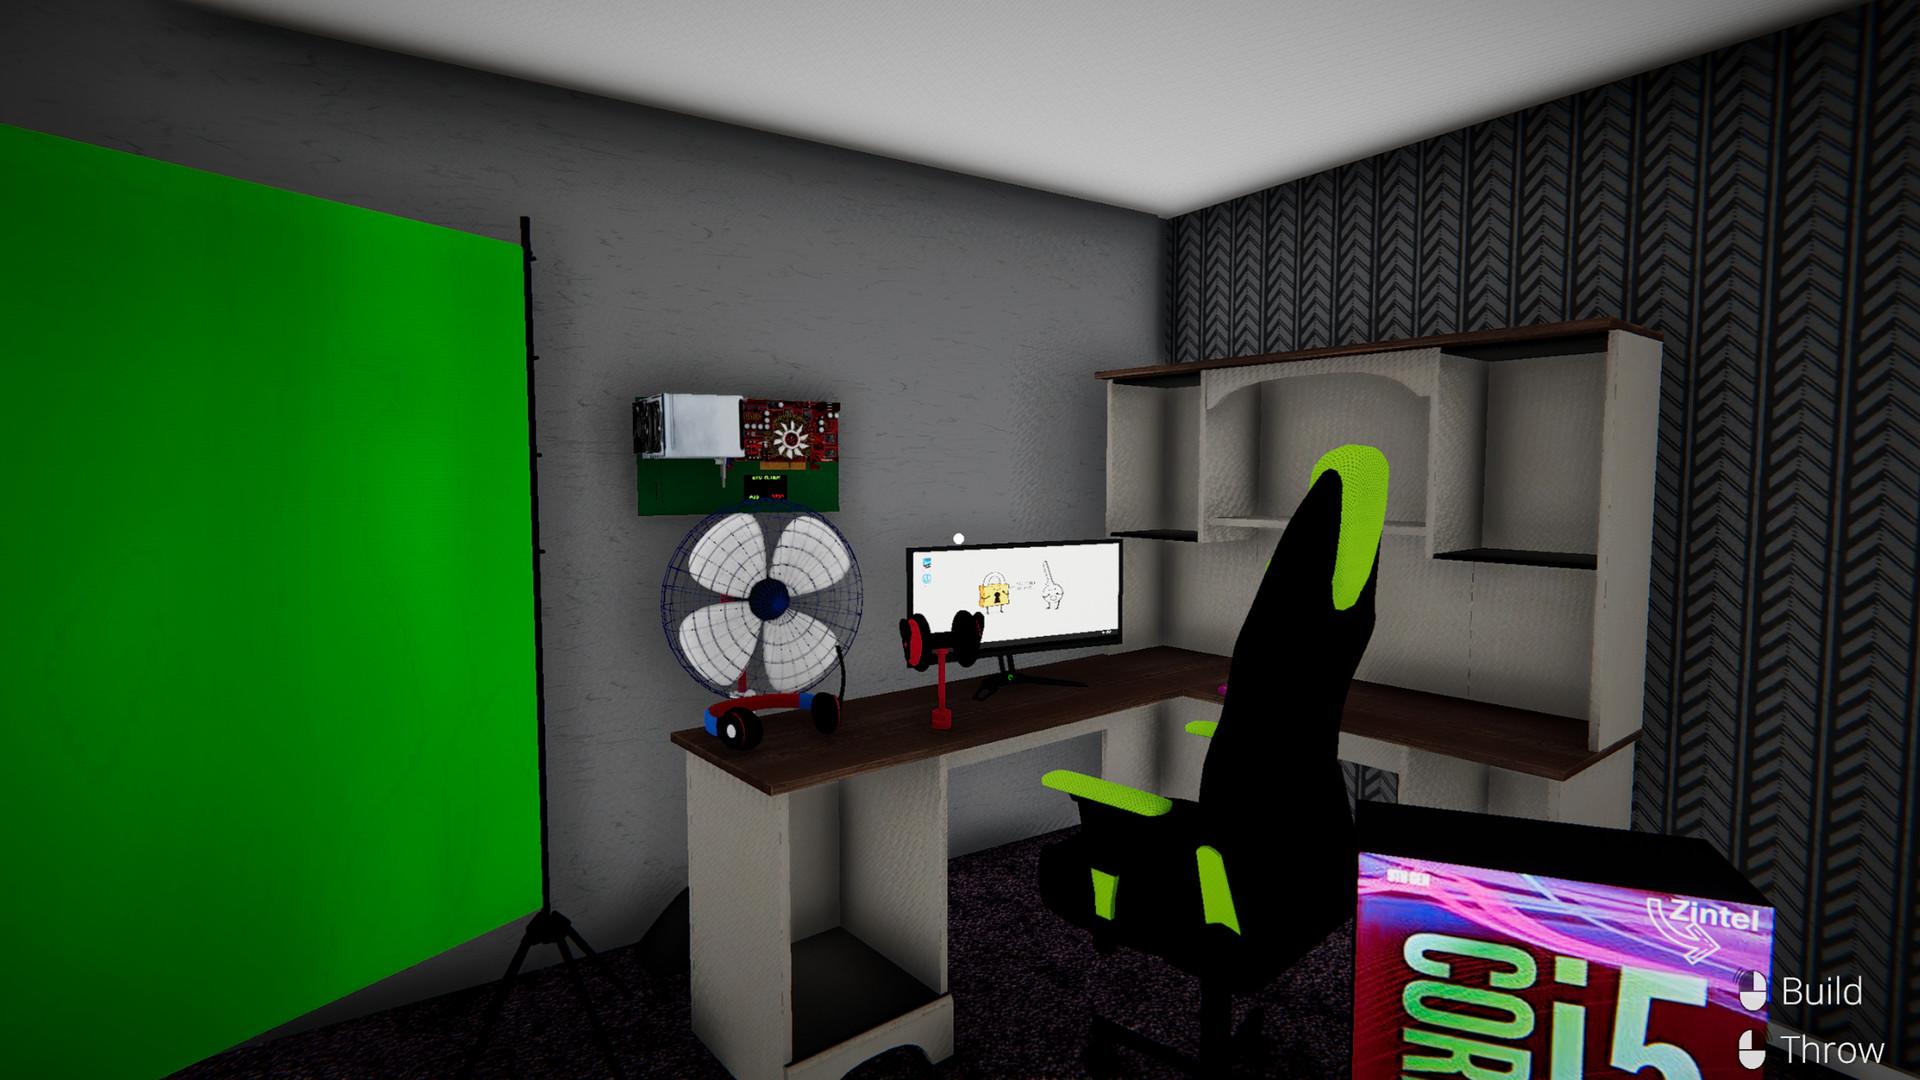 主播生活模拟器/Streamer Life Simulator